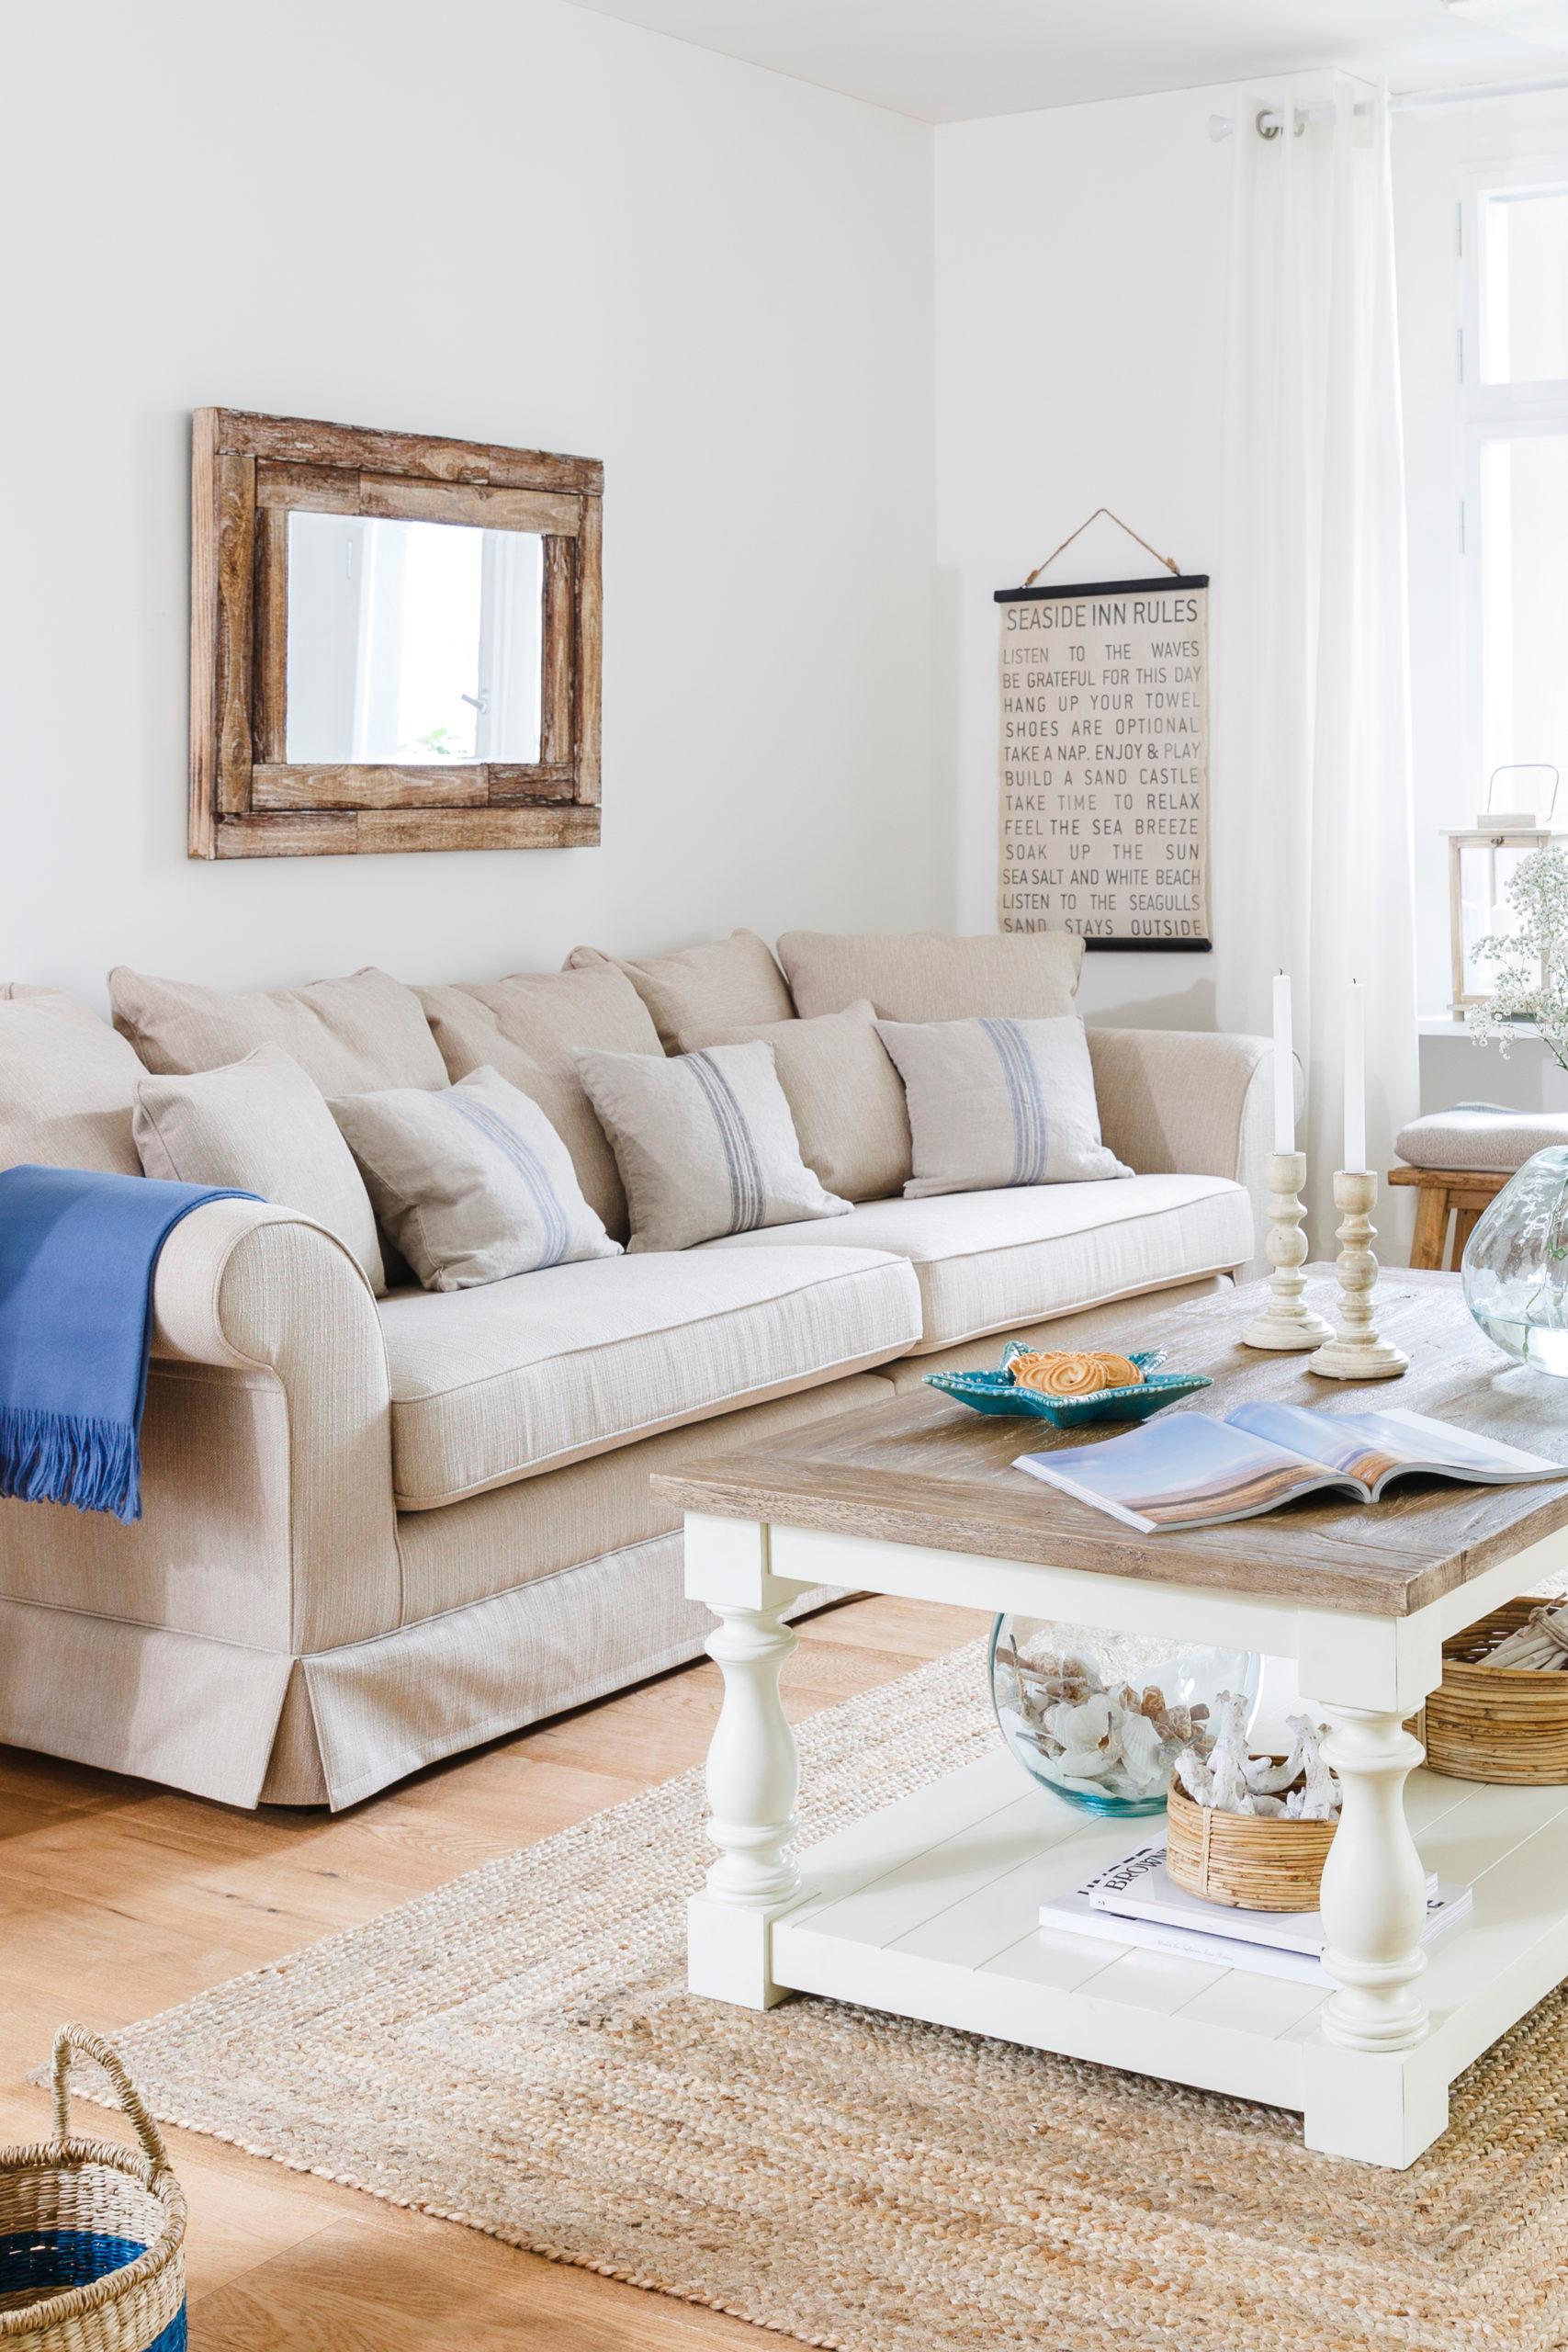 Salon z jasną kanapą z poduszkami, drewnianym stolikiem kawowym i dekoracjami na ścianach